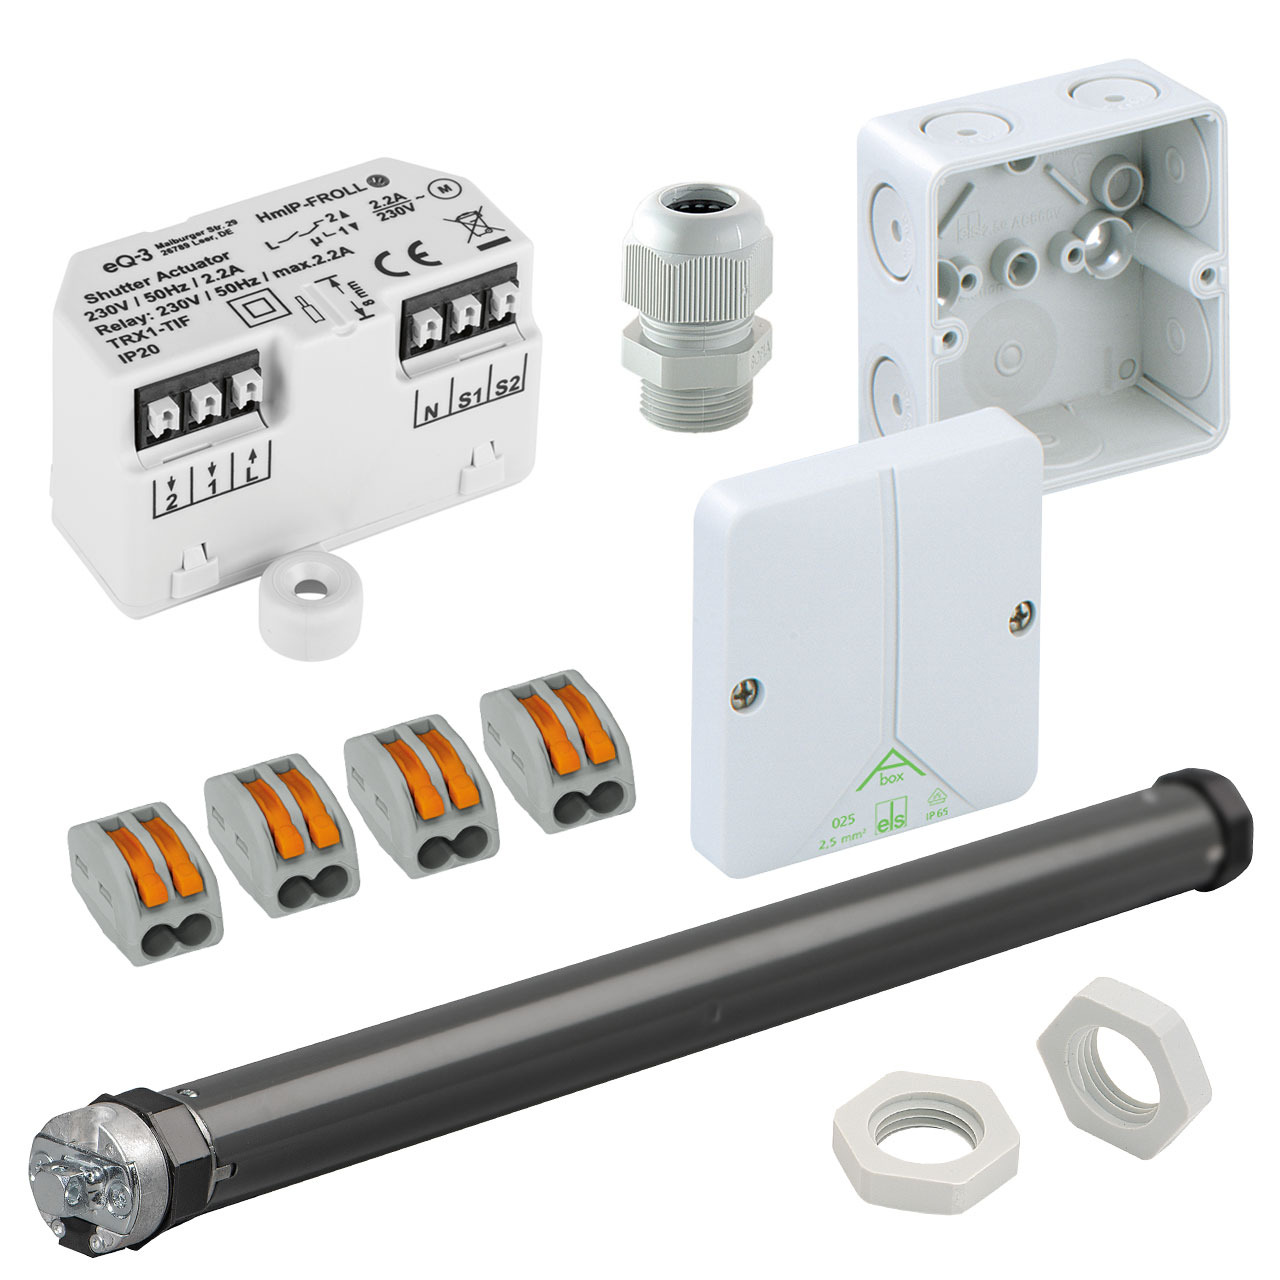 Beschattungsset für Homematic IP mit Unterputz-Rollladenaktor- elektronischer Rohrmotor SE Pro 1-10